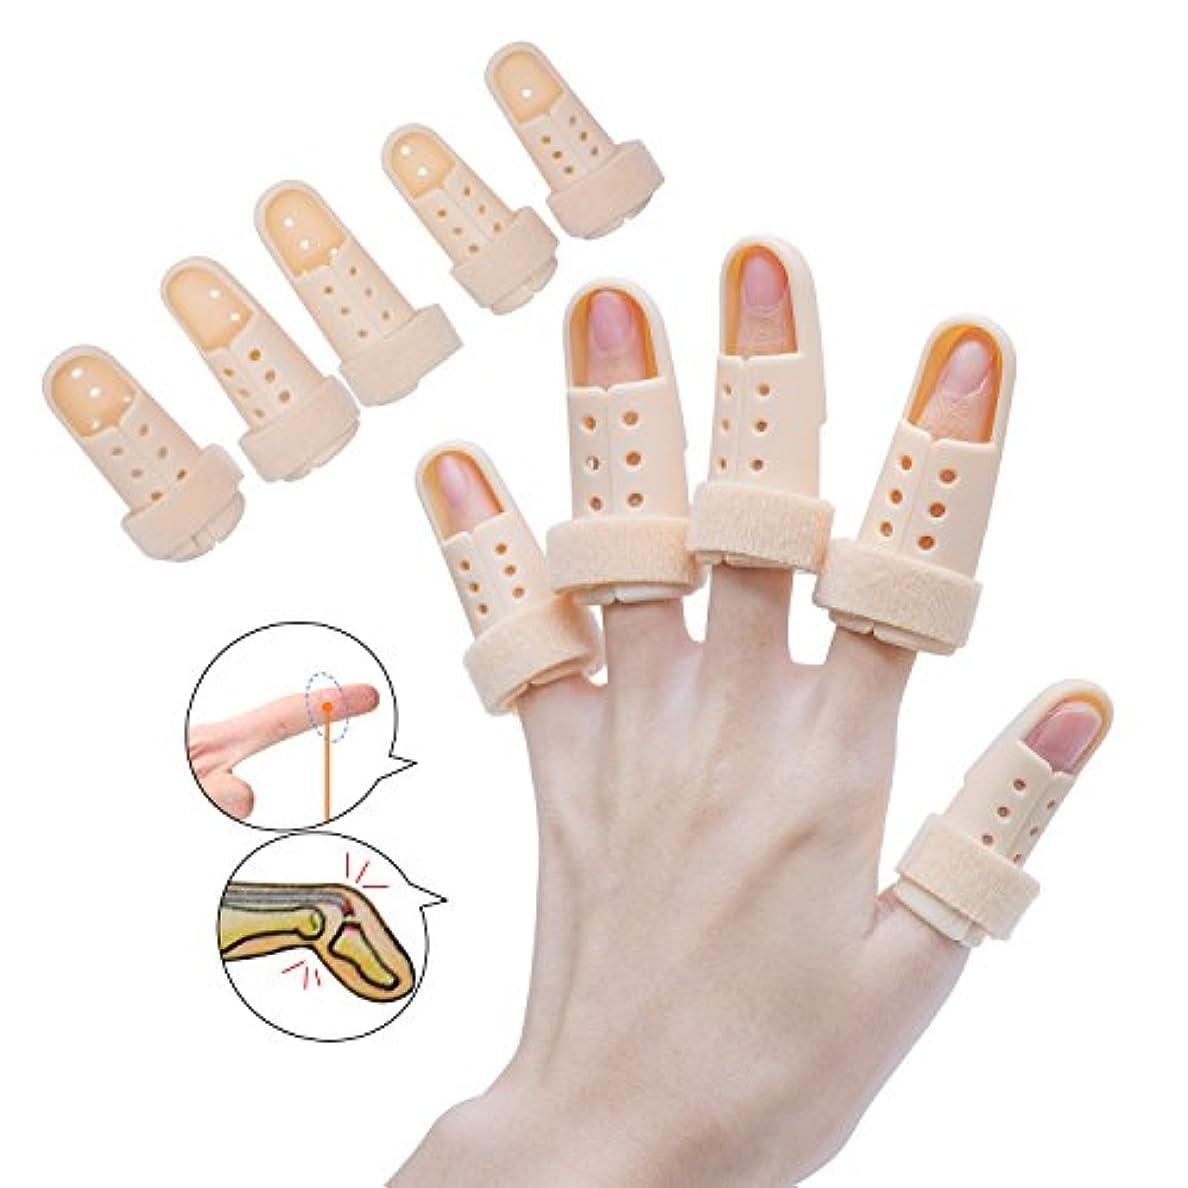 風景伝える雇うSumifun 指キャップ 指スプリントブレース 拇指サポーター 5 Pcs 親指サポーター シリコンゲル 腱鞘炎 バネ指